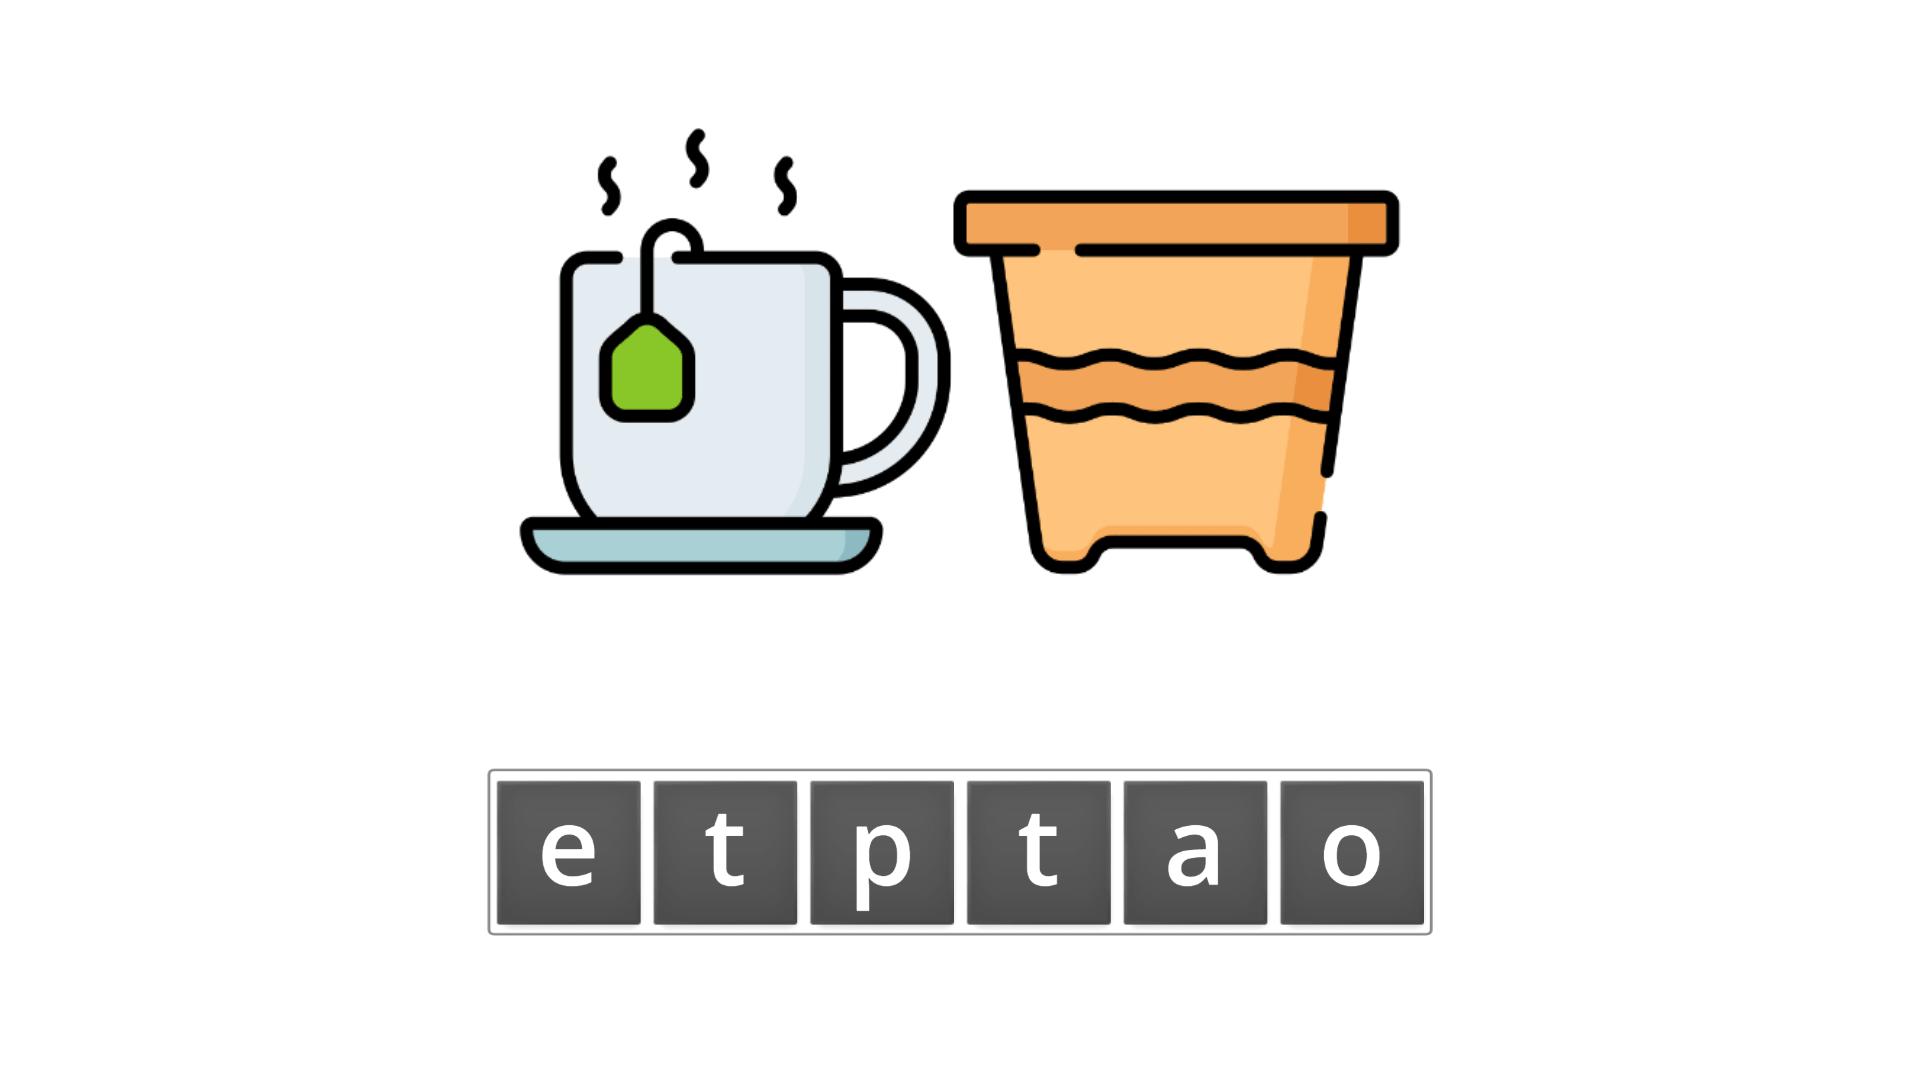 esl resources - flashcards - compound nouns  - unscramble - teapot